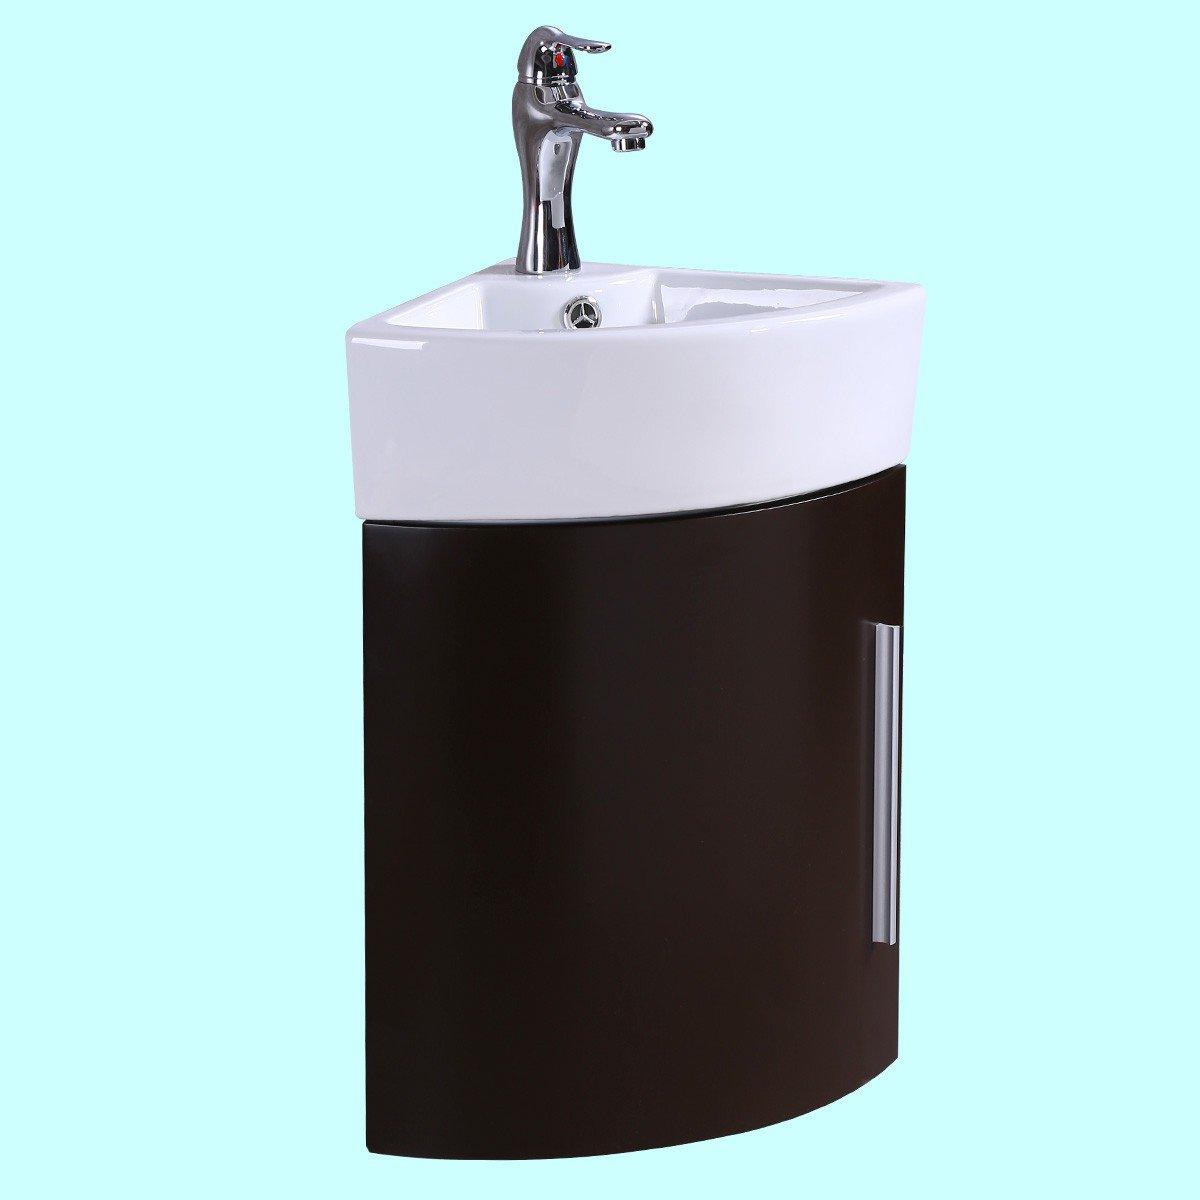 Corner Wall Mount Bathroom Vanity Sink White With Dark Oak Vanity ...